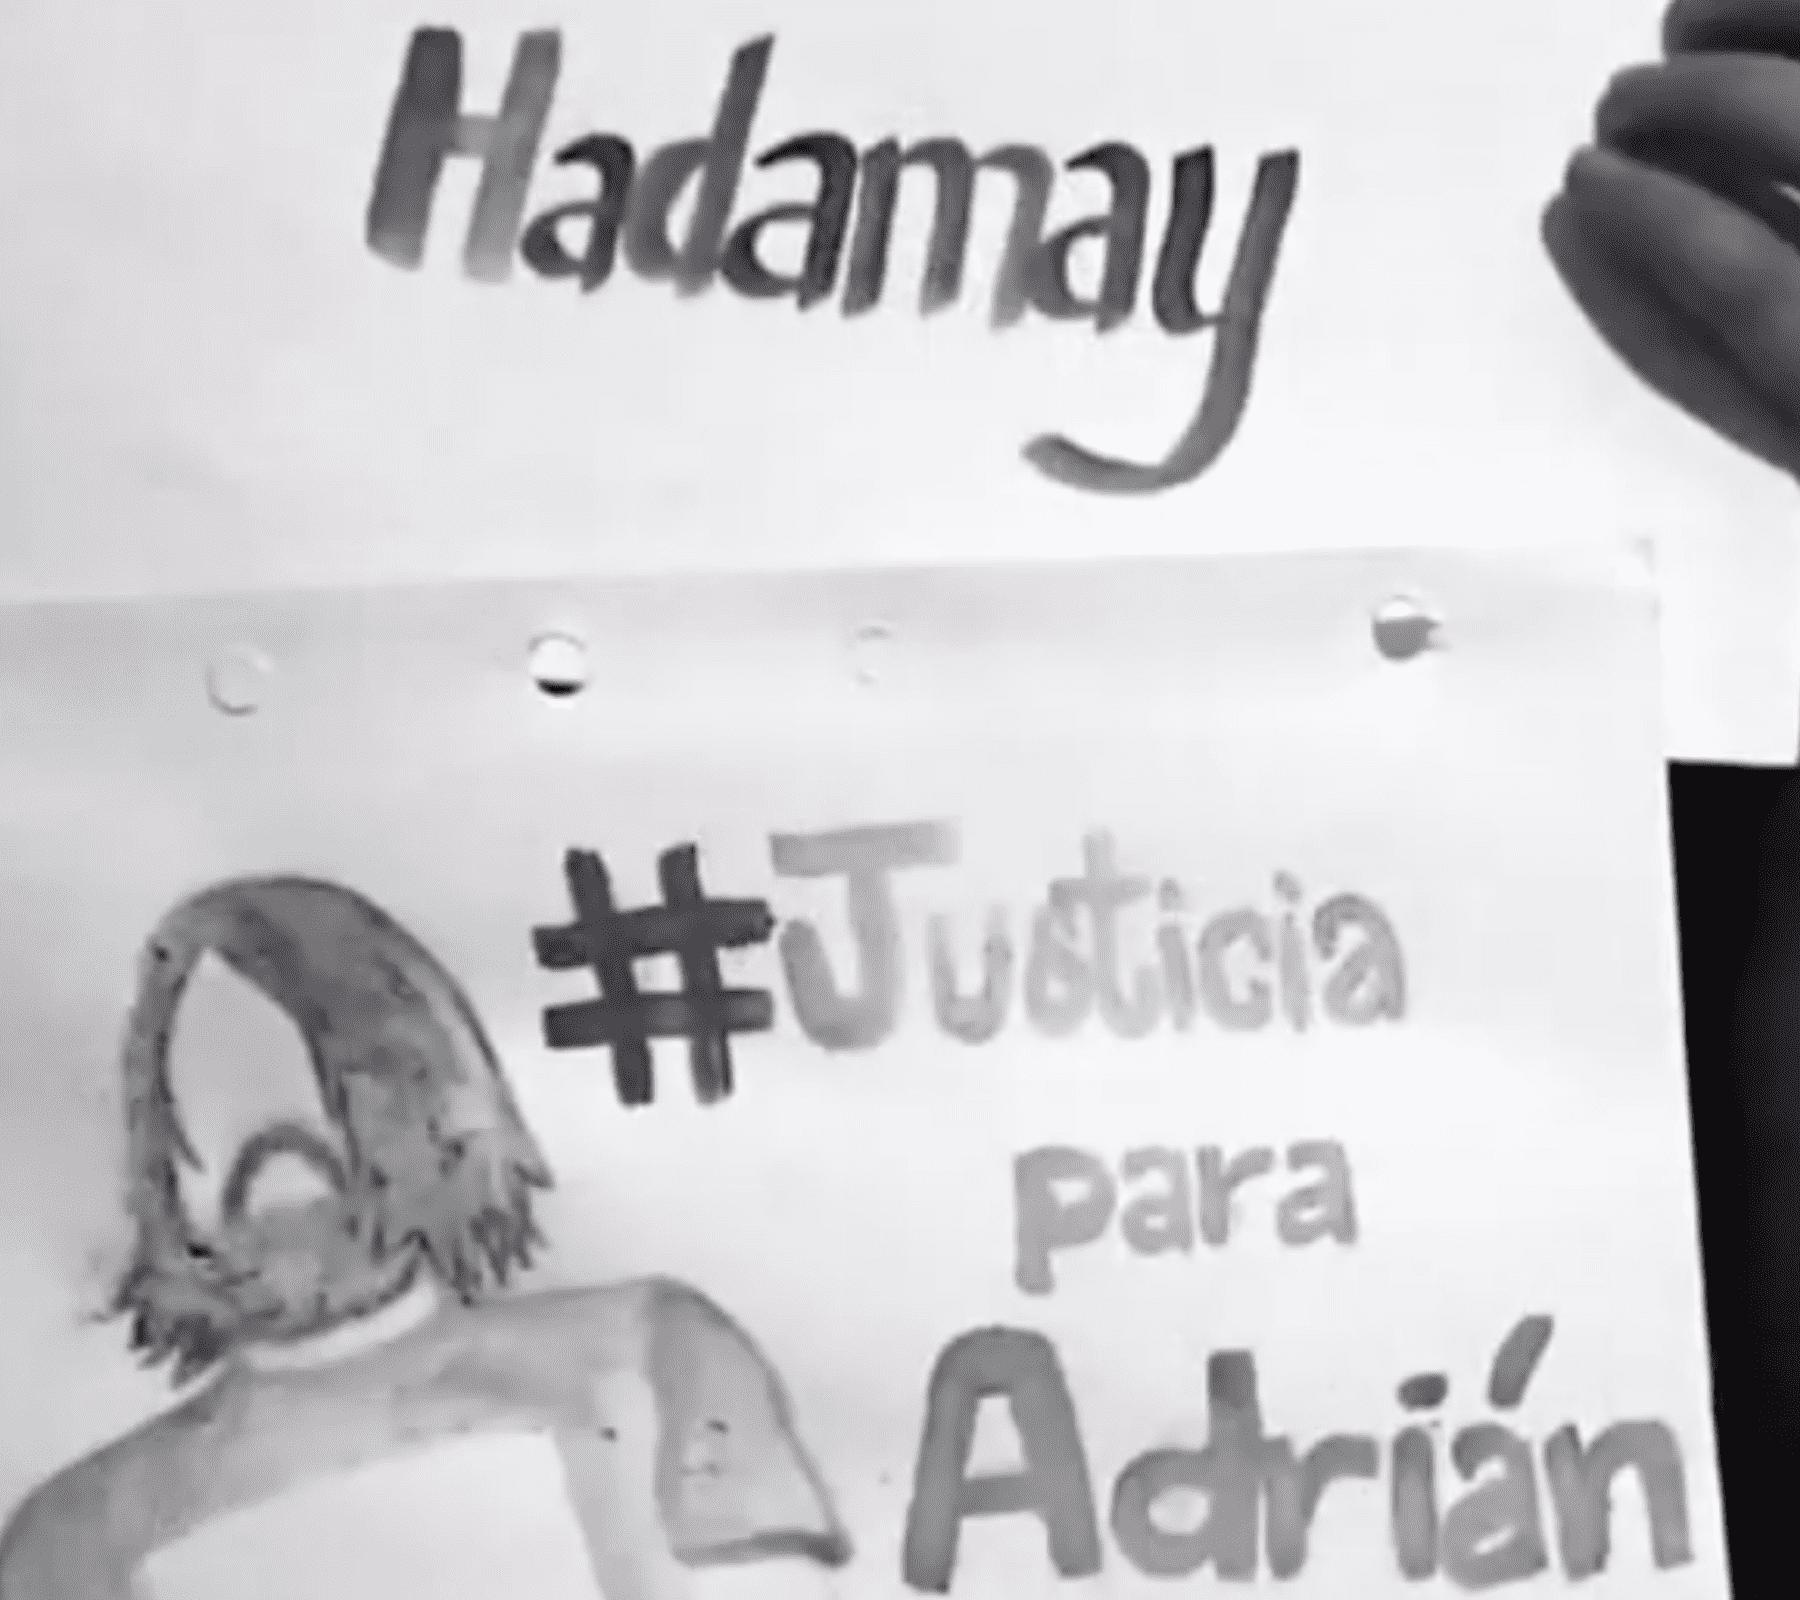 justicia para adrián y hadamay buap